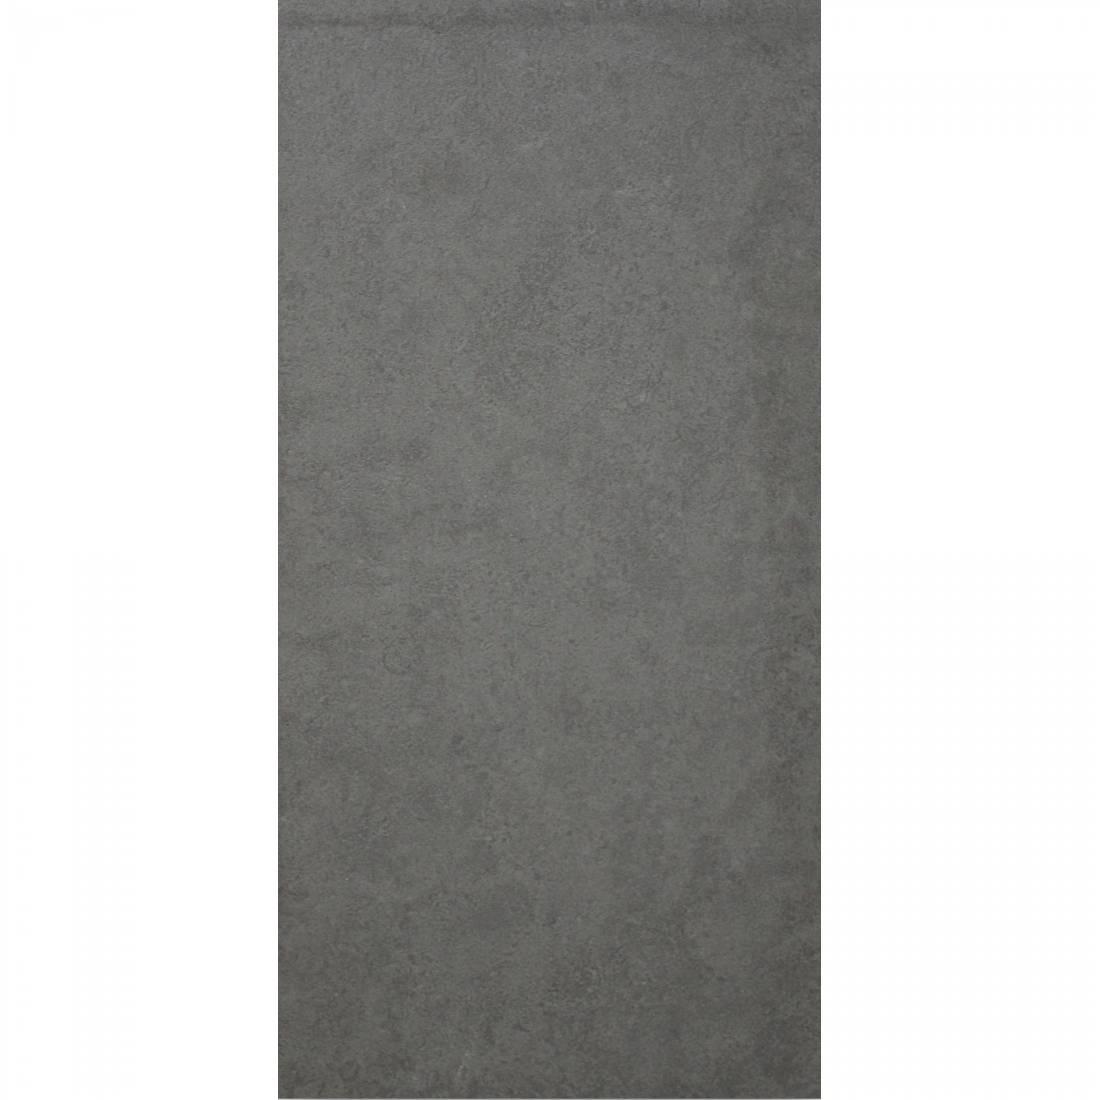 Crystal 30x60 Dark Grey 1